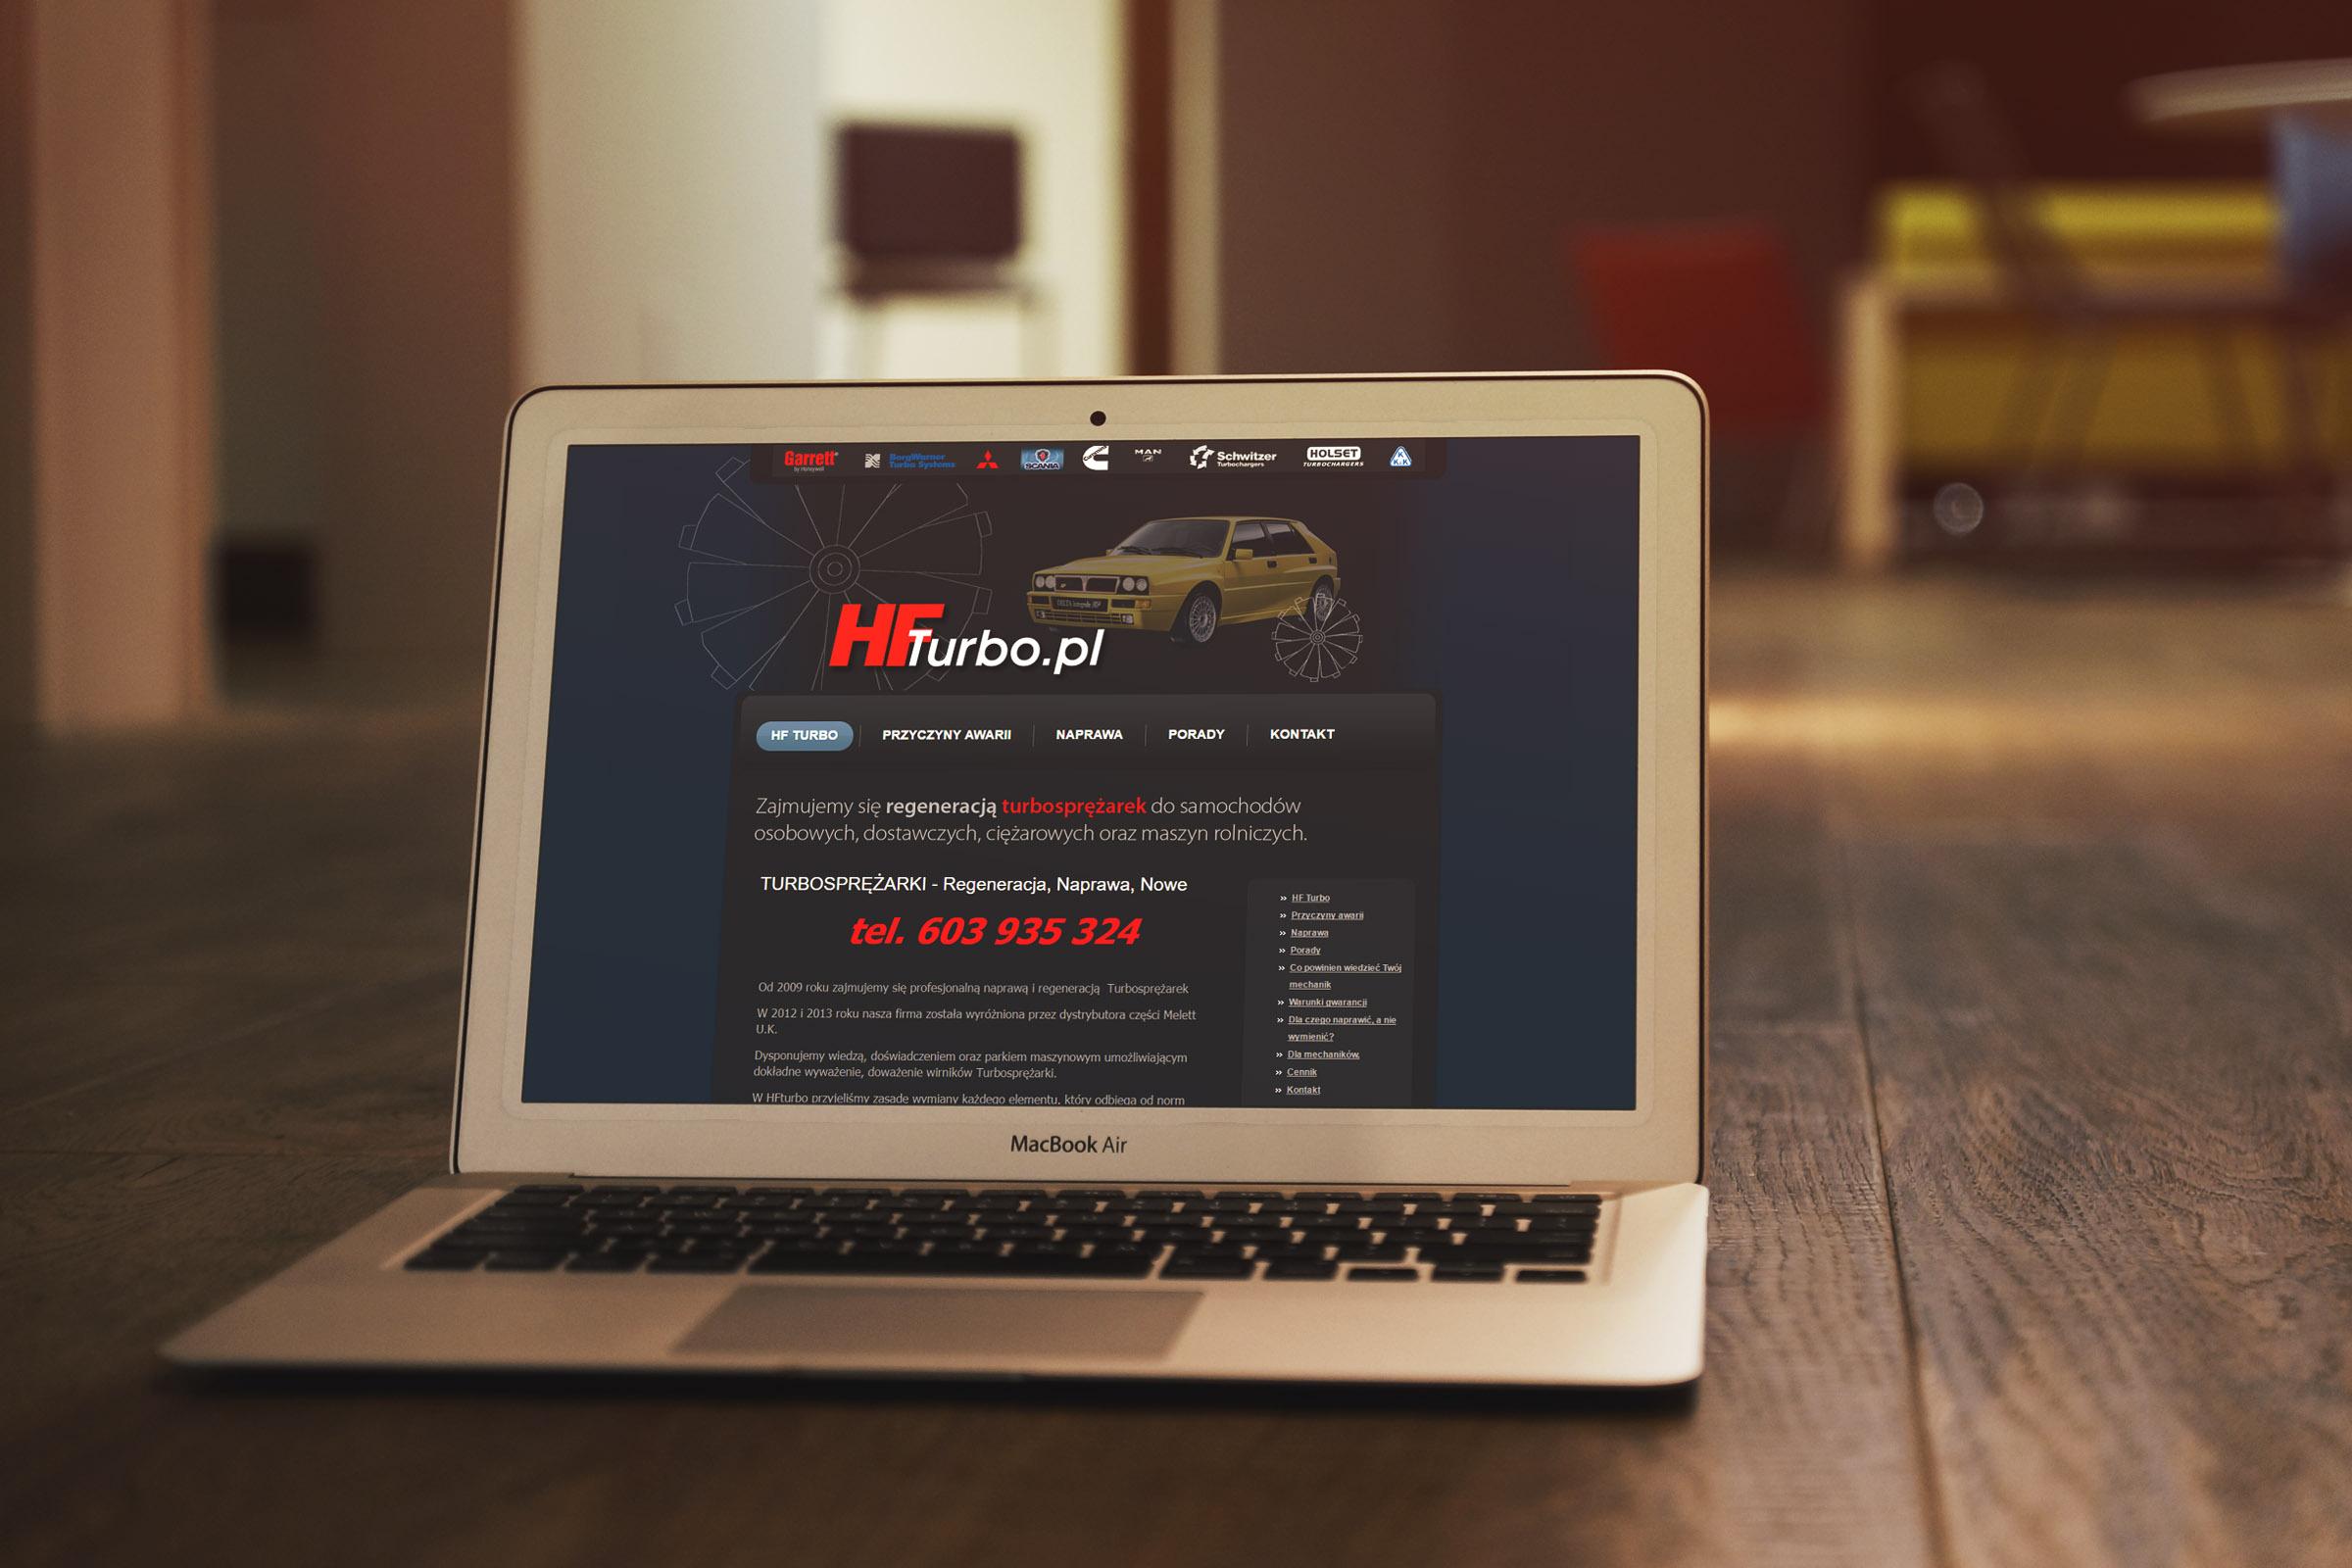 Regeneracja Turbosprężarek – Strona internetowa